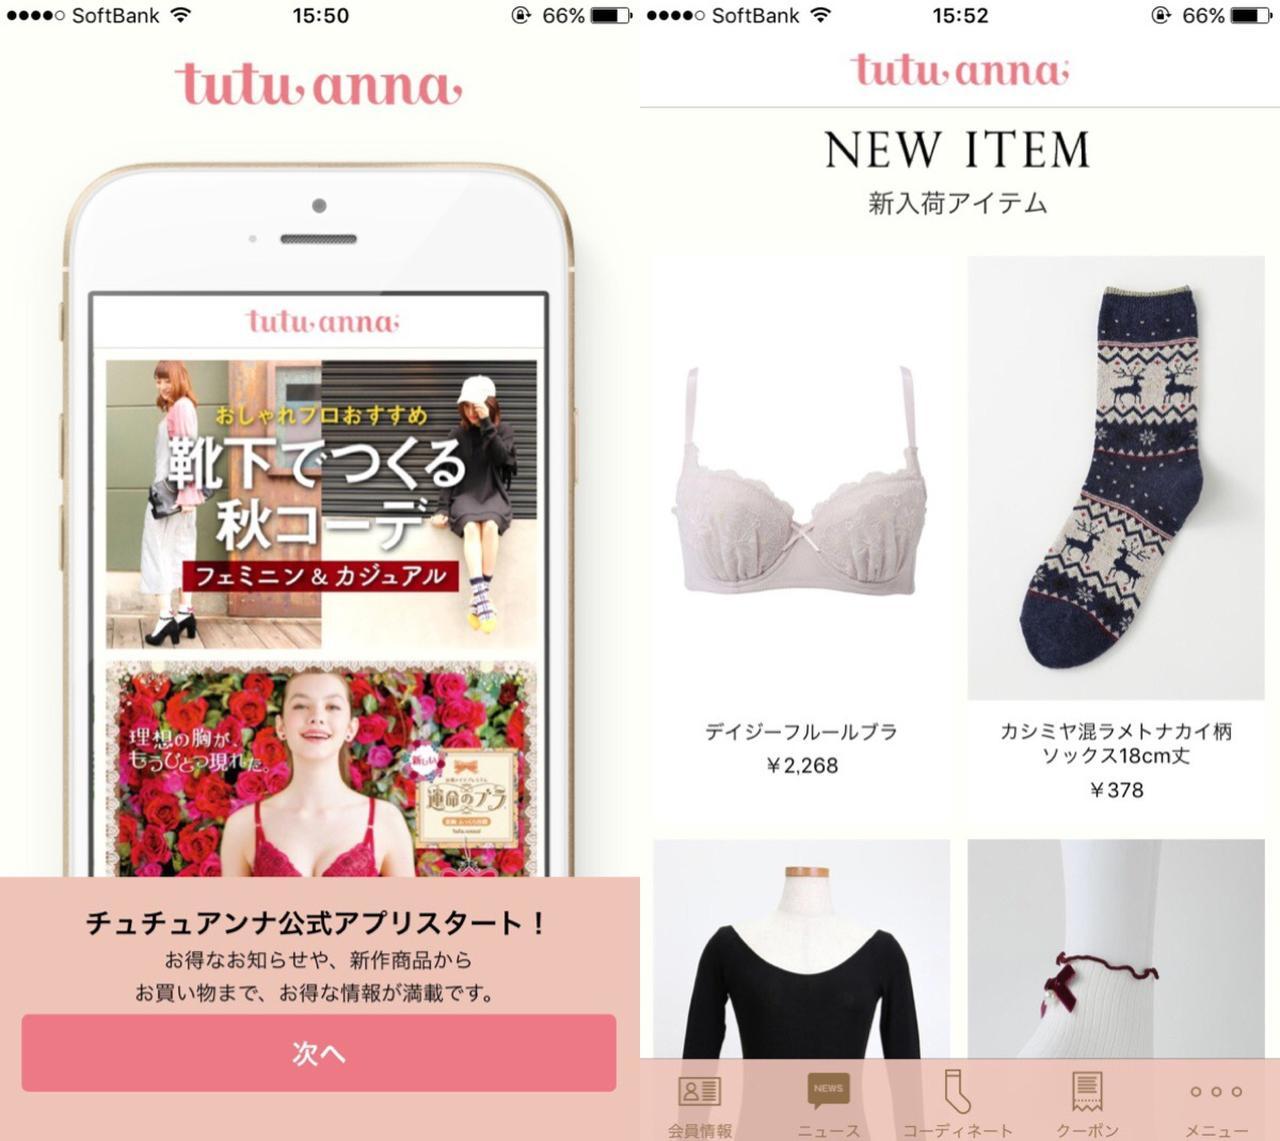 画像1: 新作からお得なお知らせまで、tutuannaに行きたくなっちゃうアプリ。